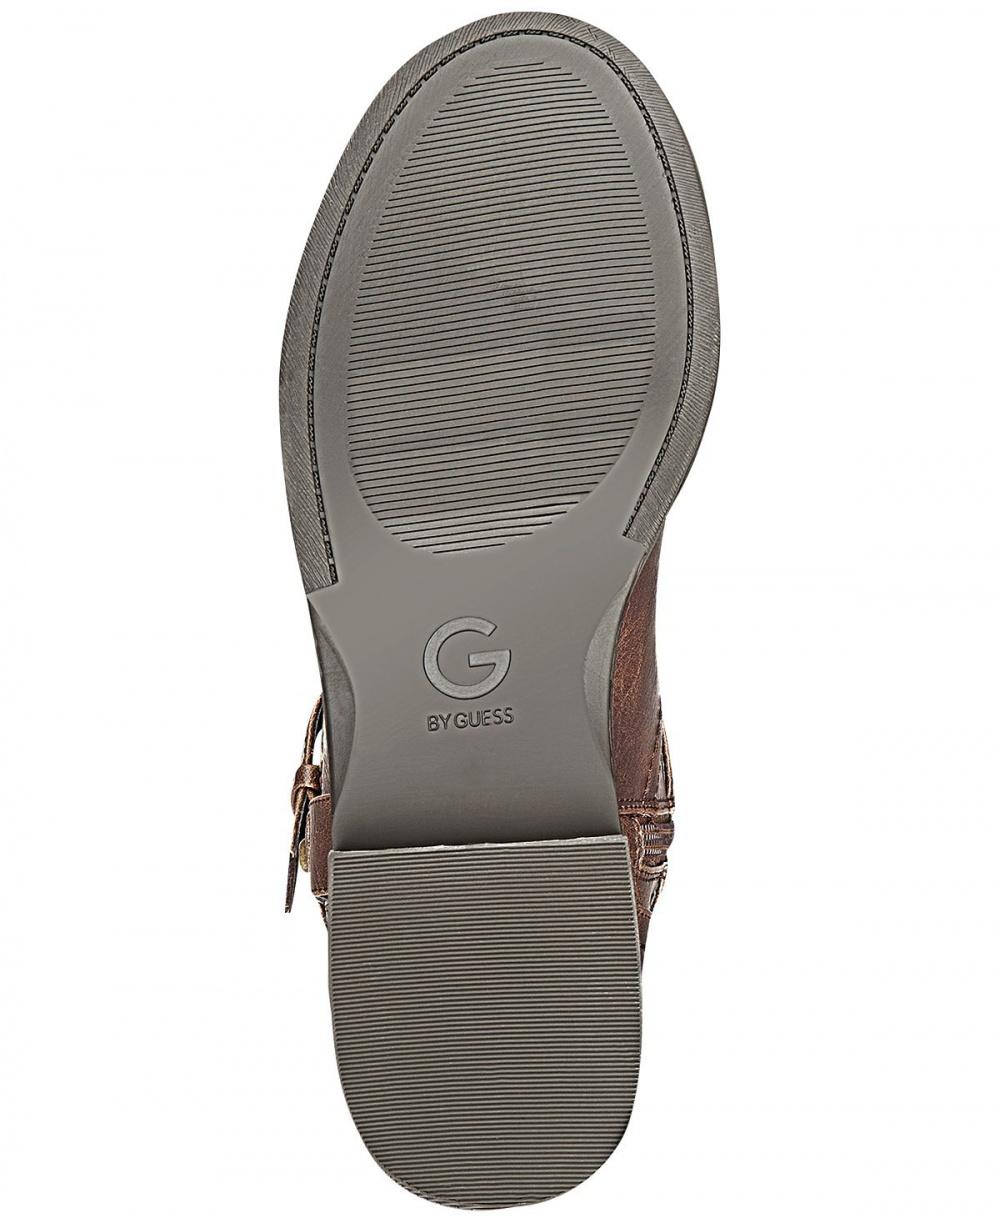 Новые сапоги G by Guess размер 37 -37.5  (US  8M ) оригинал